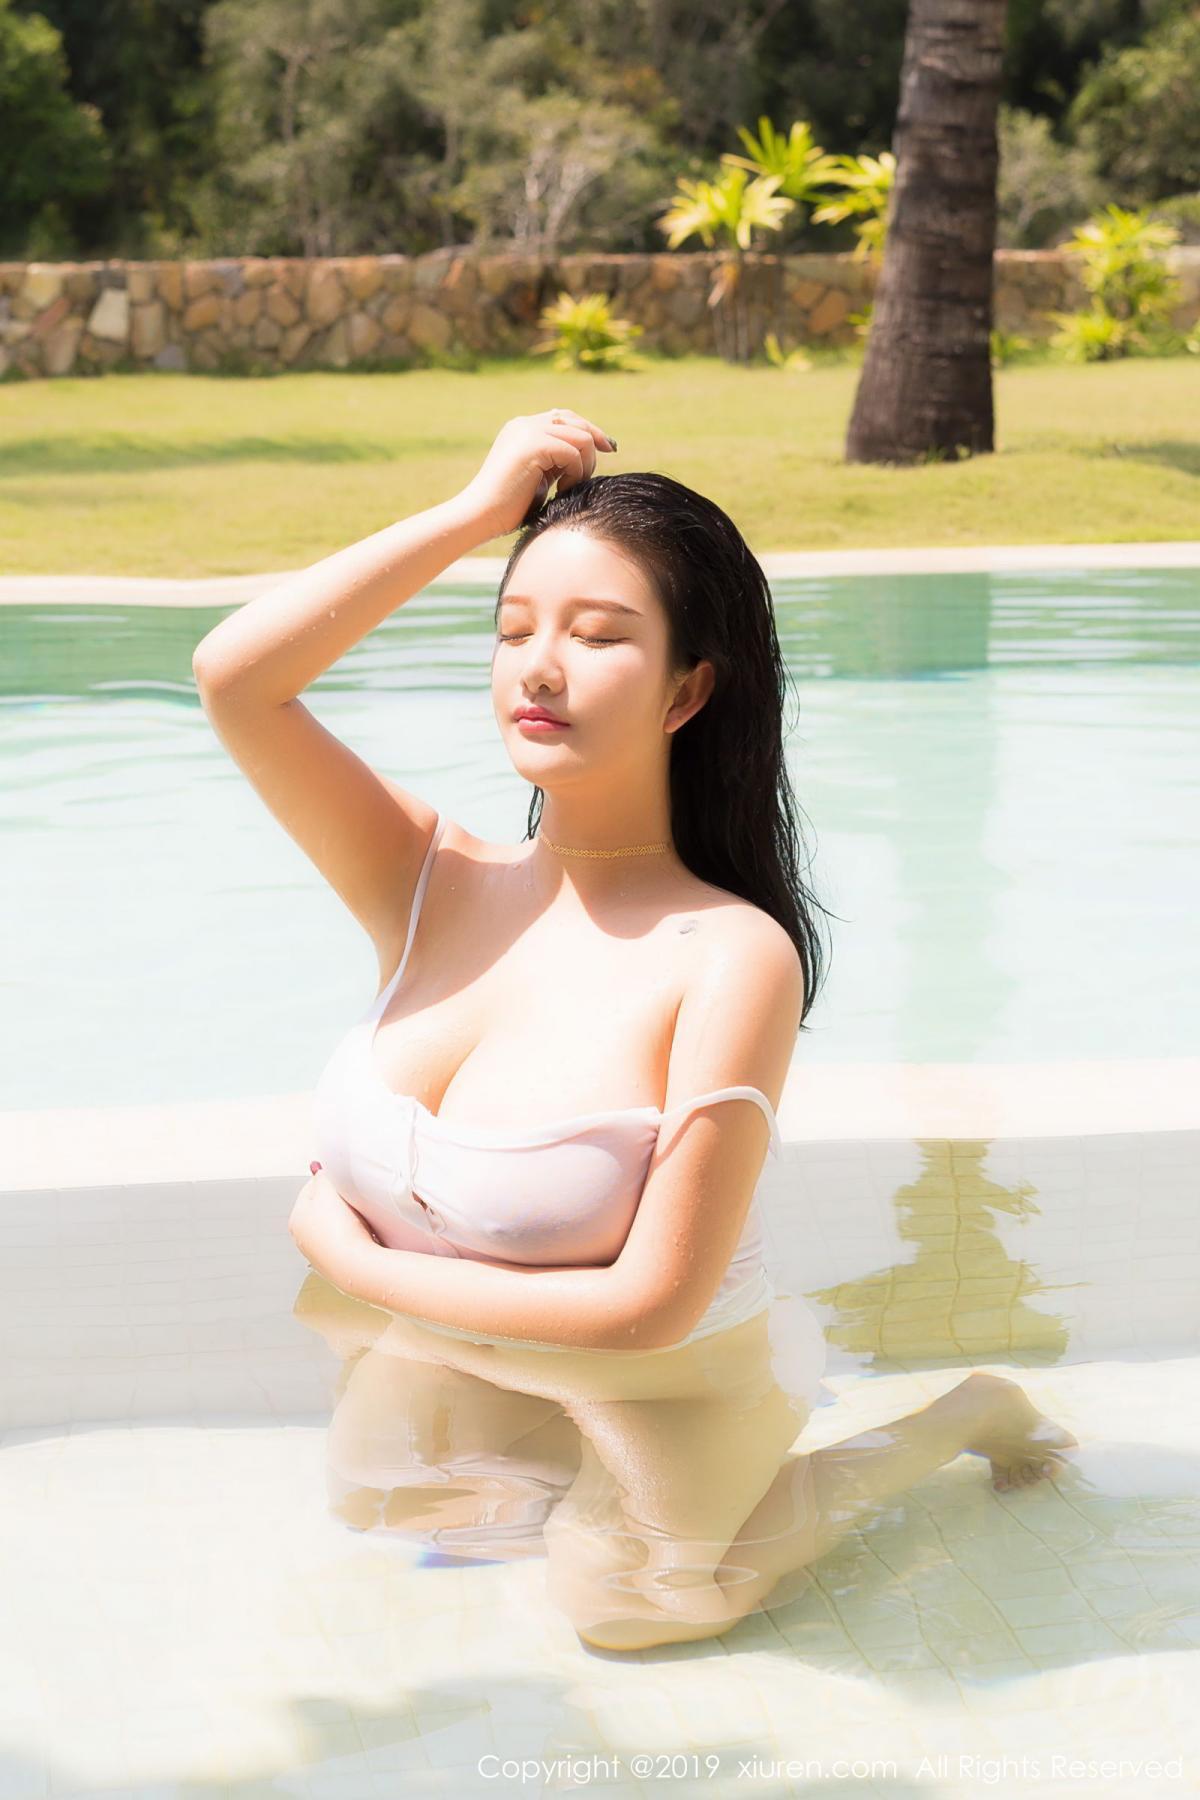 [XiuRen] Vol.1661 Lu Lu Xiao Miao 54P, Bikini, Lu Lu Xiao Miao, Swim Pool, Wet, Xiuren